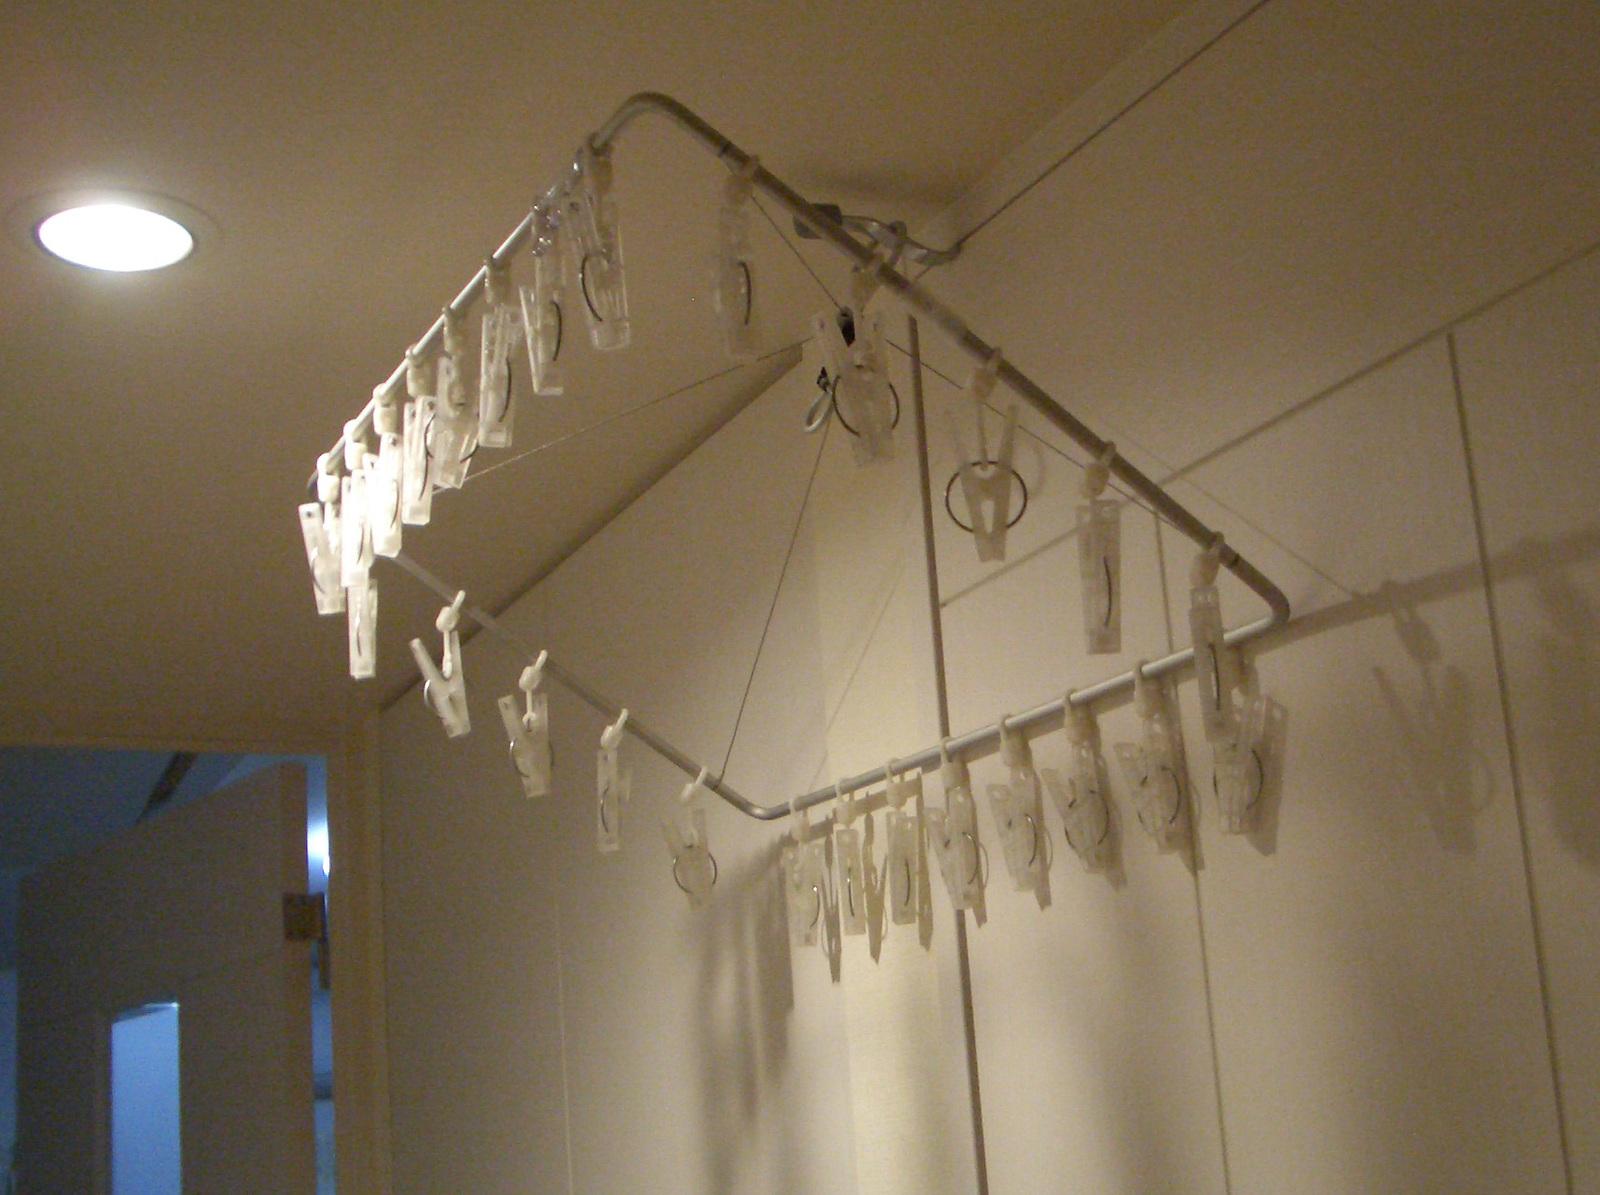 無印の角ハンガー・シャツハンガーが斜め↑になって洗濯物が干しにくかったけど、これを買ったおかげで、今は室内のいろいろな場所が、ランドリースペースに変身!